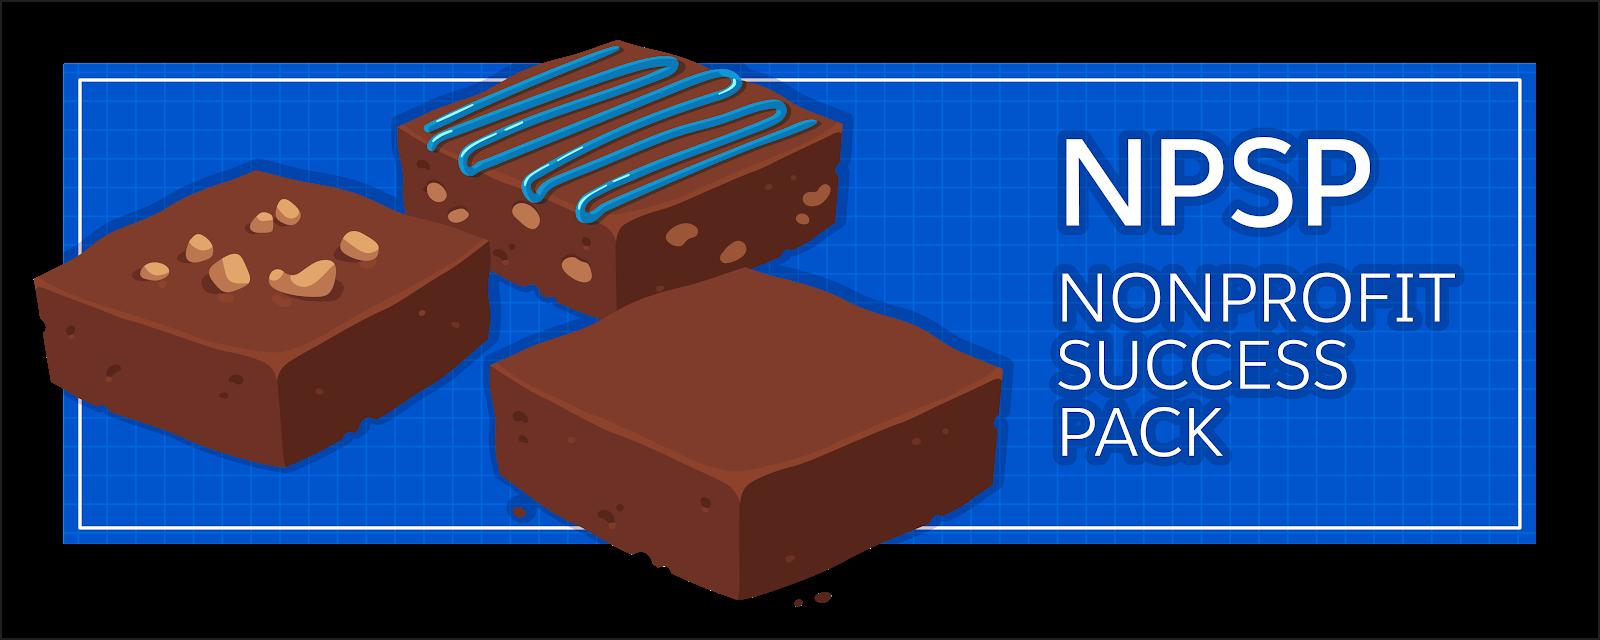 サンデーに入っているブラウニーは、あなたが使用したい Salesforce.org 製品 (NPSP や EDA など) です。